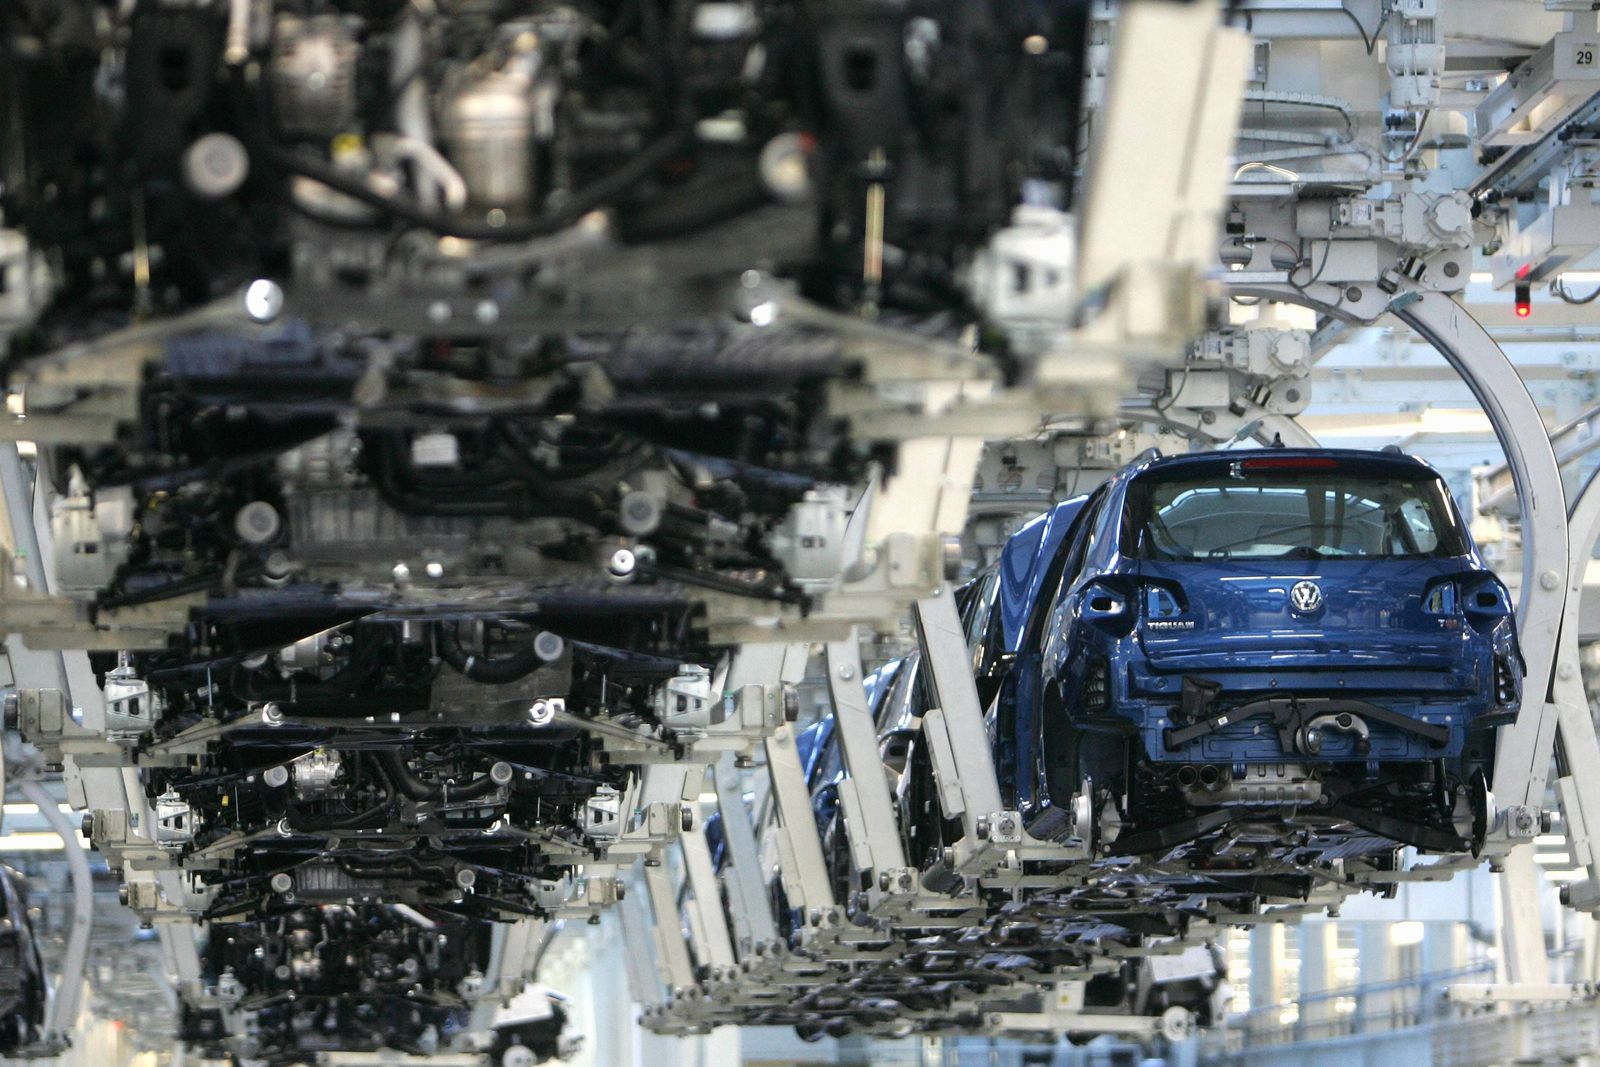 NICHT VERWENDEN Volkswagen/ Produktion WOlfsburg